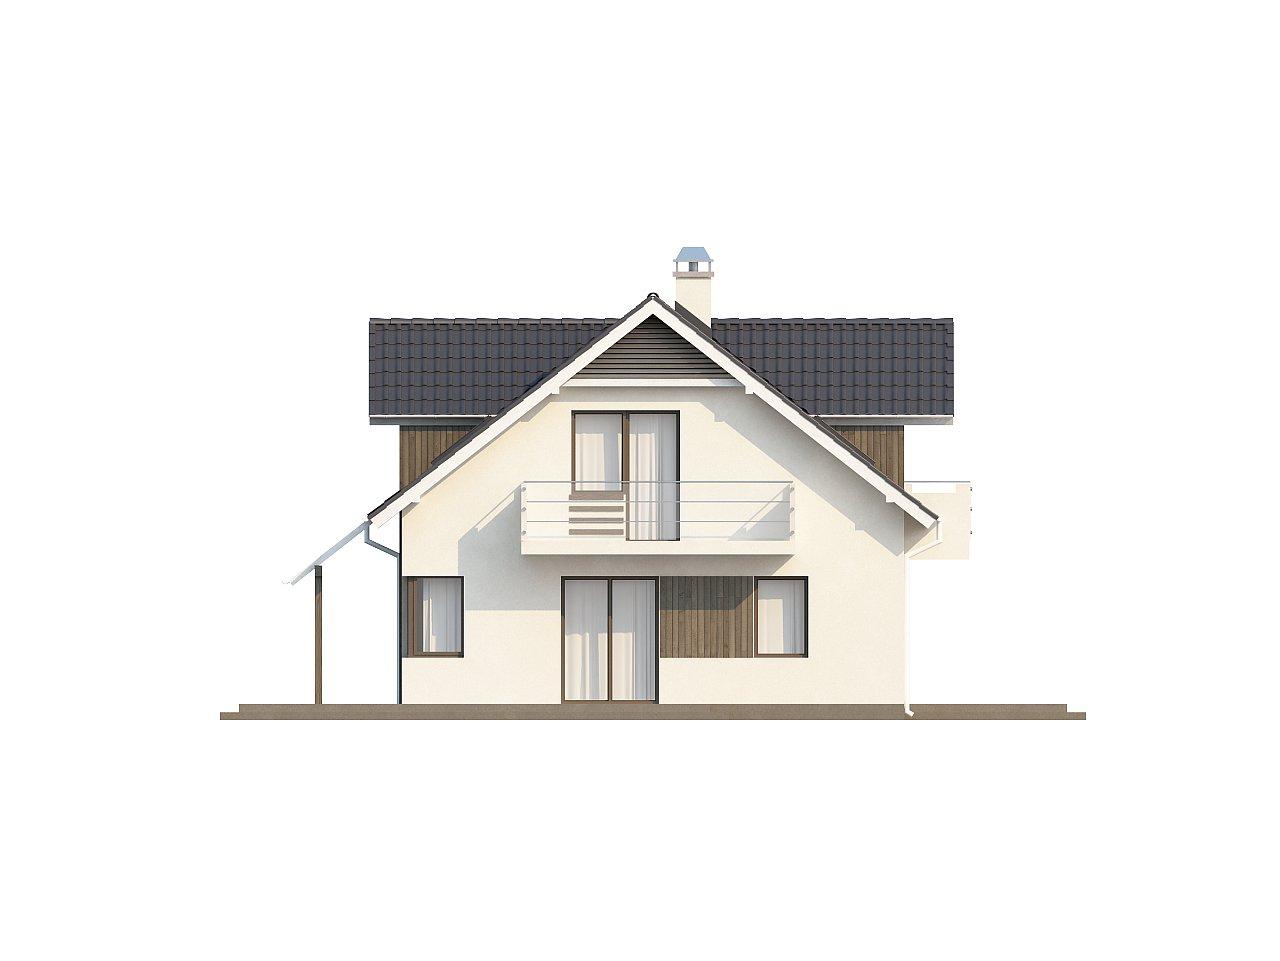 Просторный функциональный дом с гаражом, красивыми мансардными окнами и дополнительной спальней на первом этаже. - фото 4